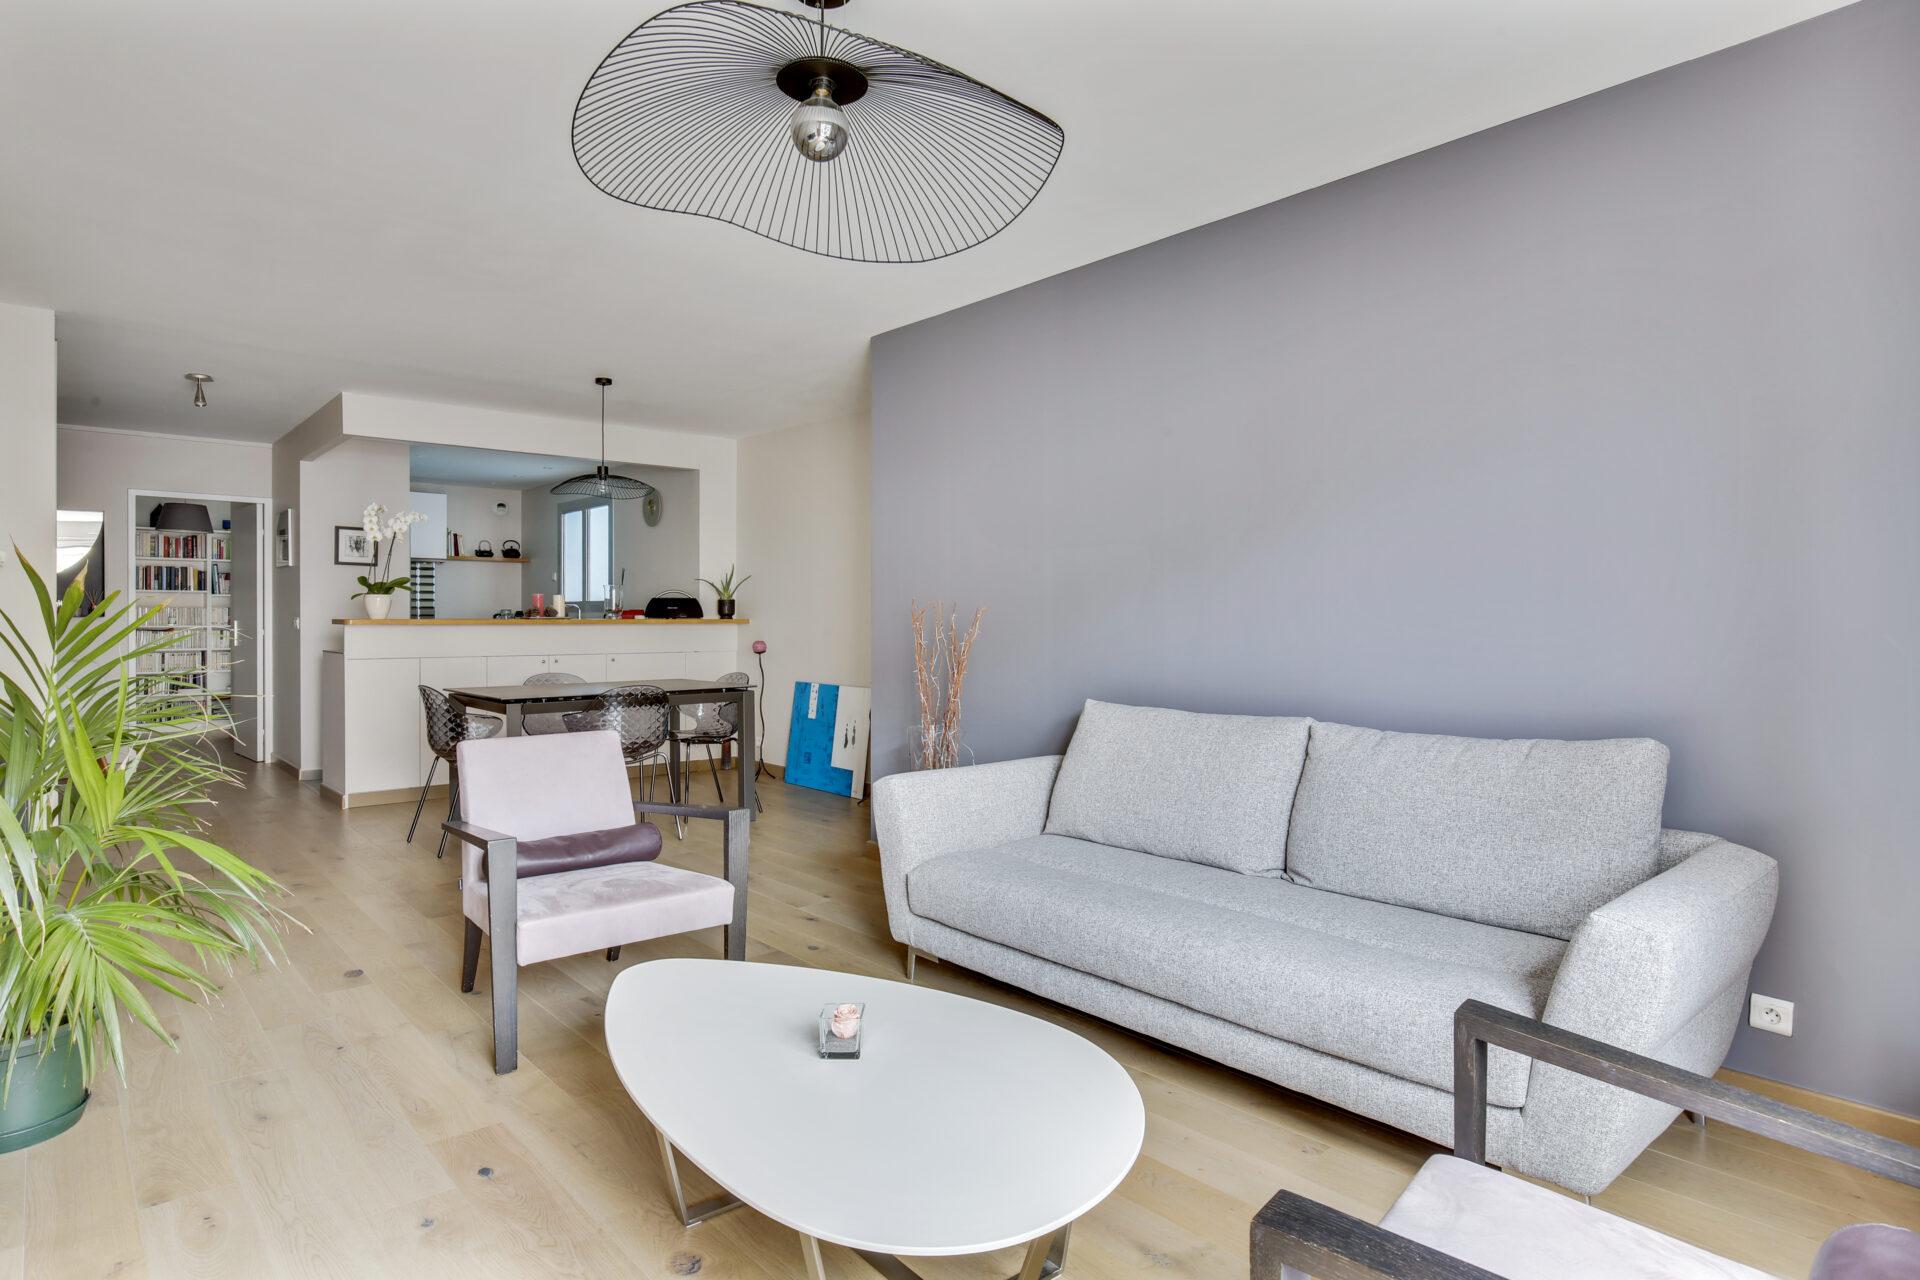 Décoration et réagencement Appartement à Courbevoie, par Béatrice Elisabeth, Décoratrice UFDI à Neuilly et Paris